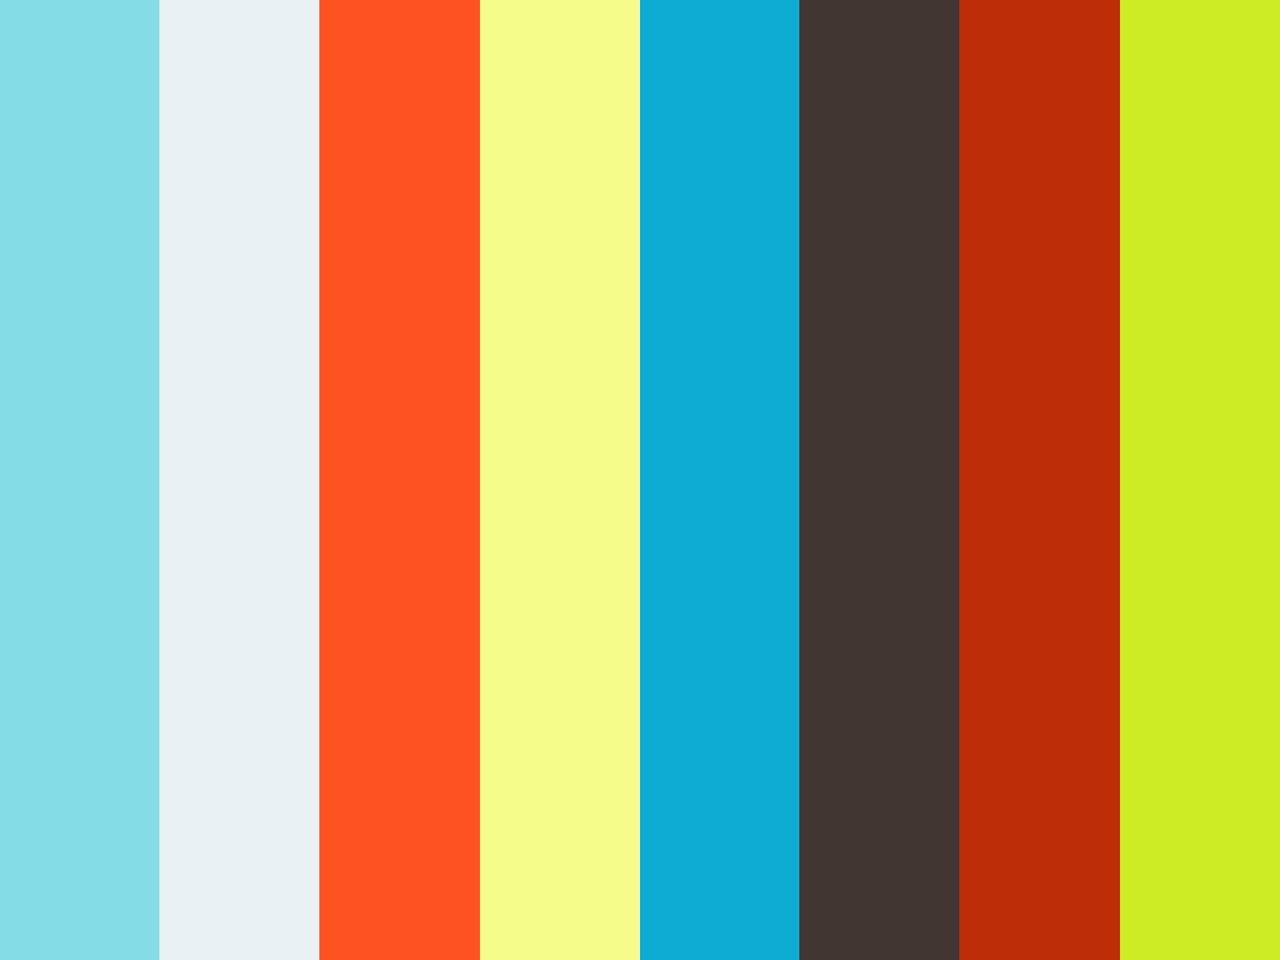 Andrew Jay - ROMP 2016